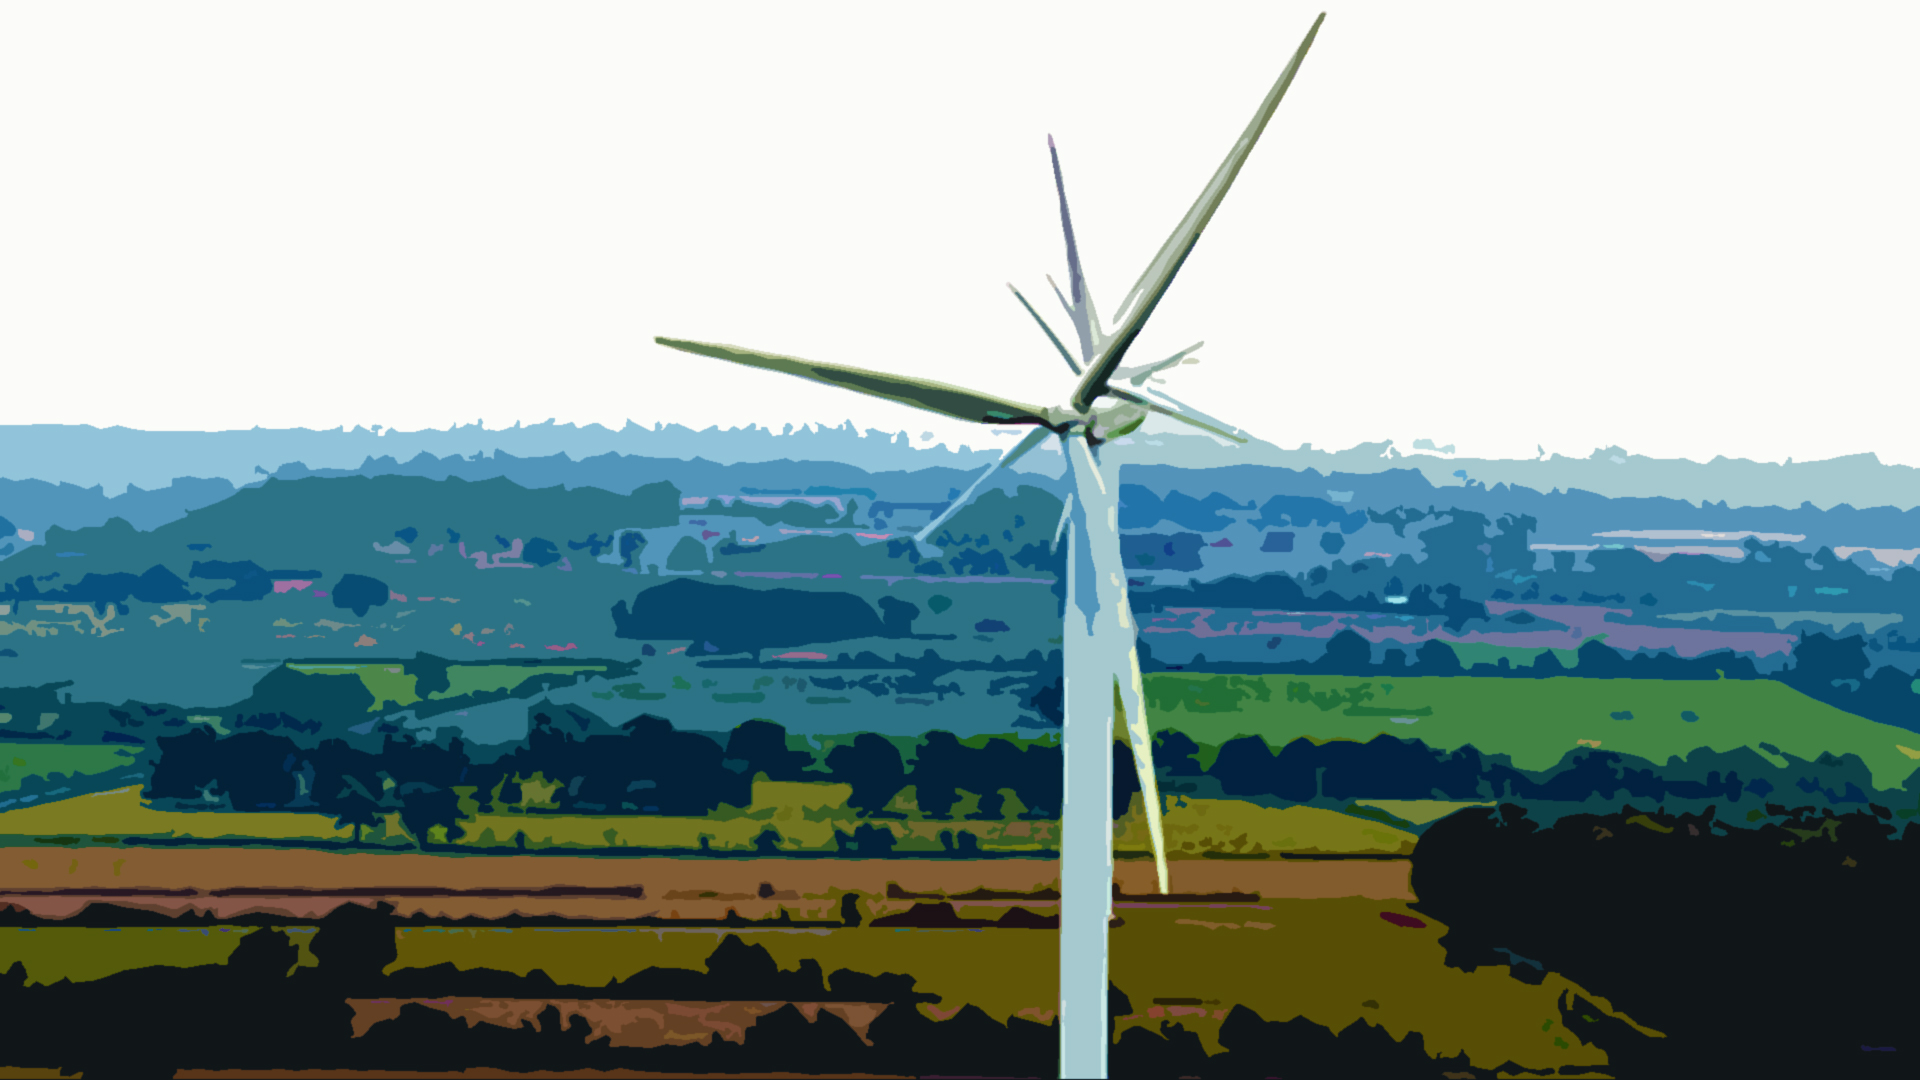 Financement participatif : des citoyens rachètent les parts d'un parc éolien